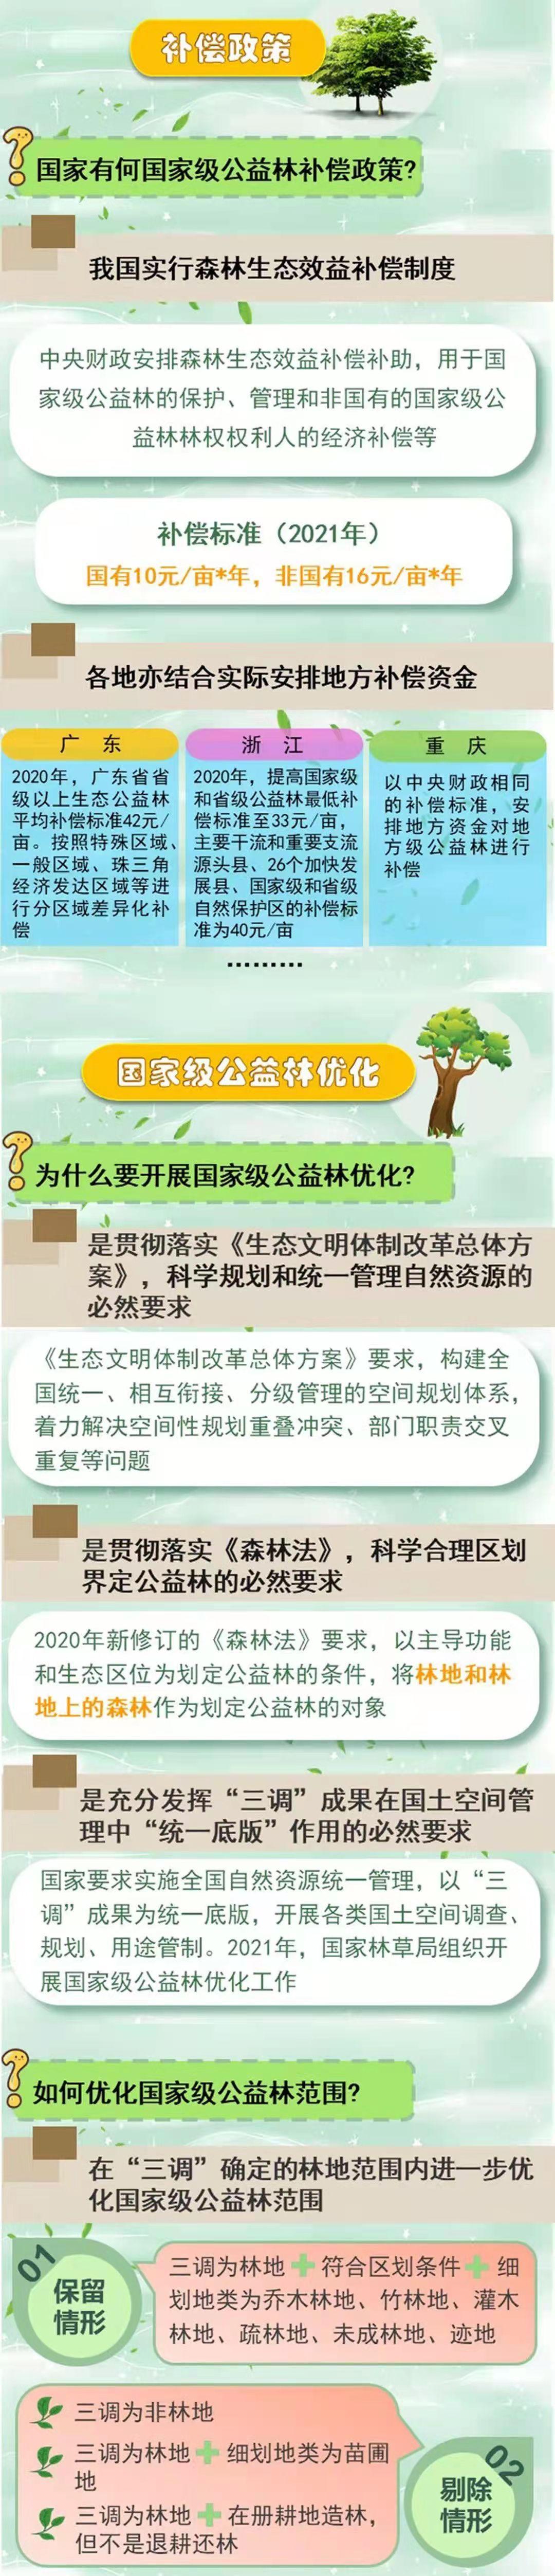 图解|国家级公益林优化政策解读